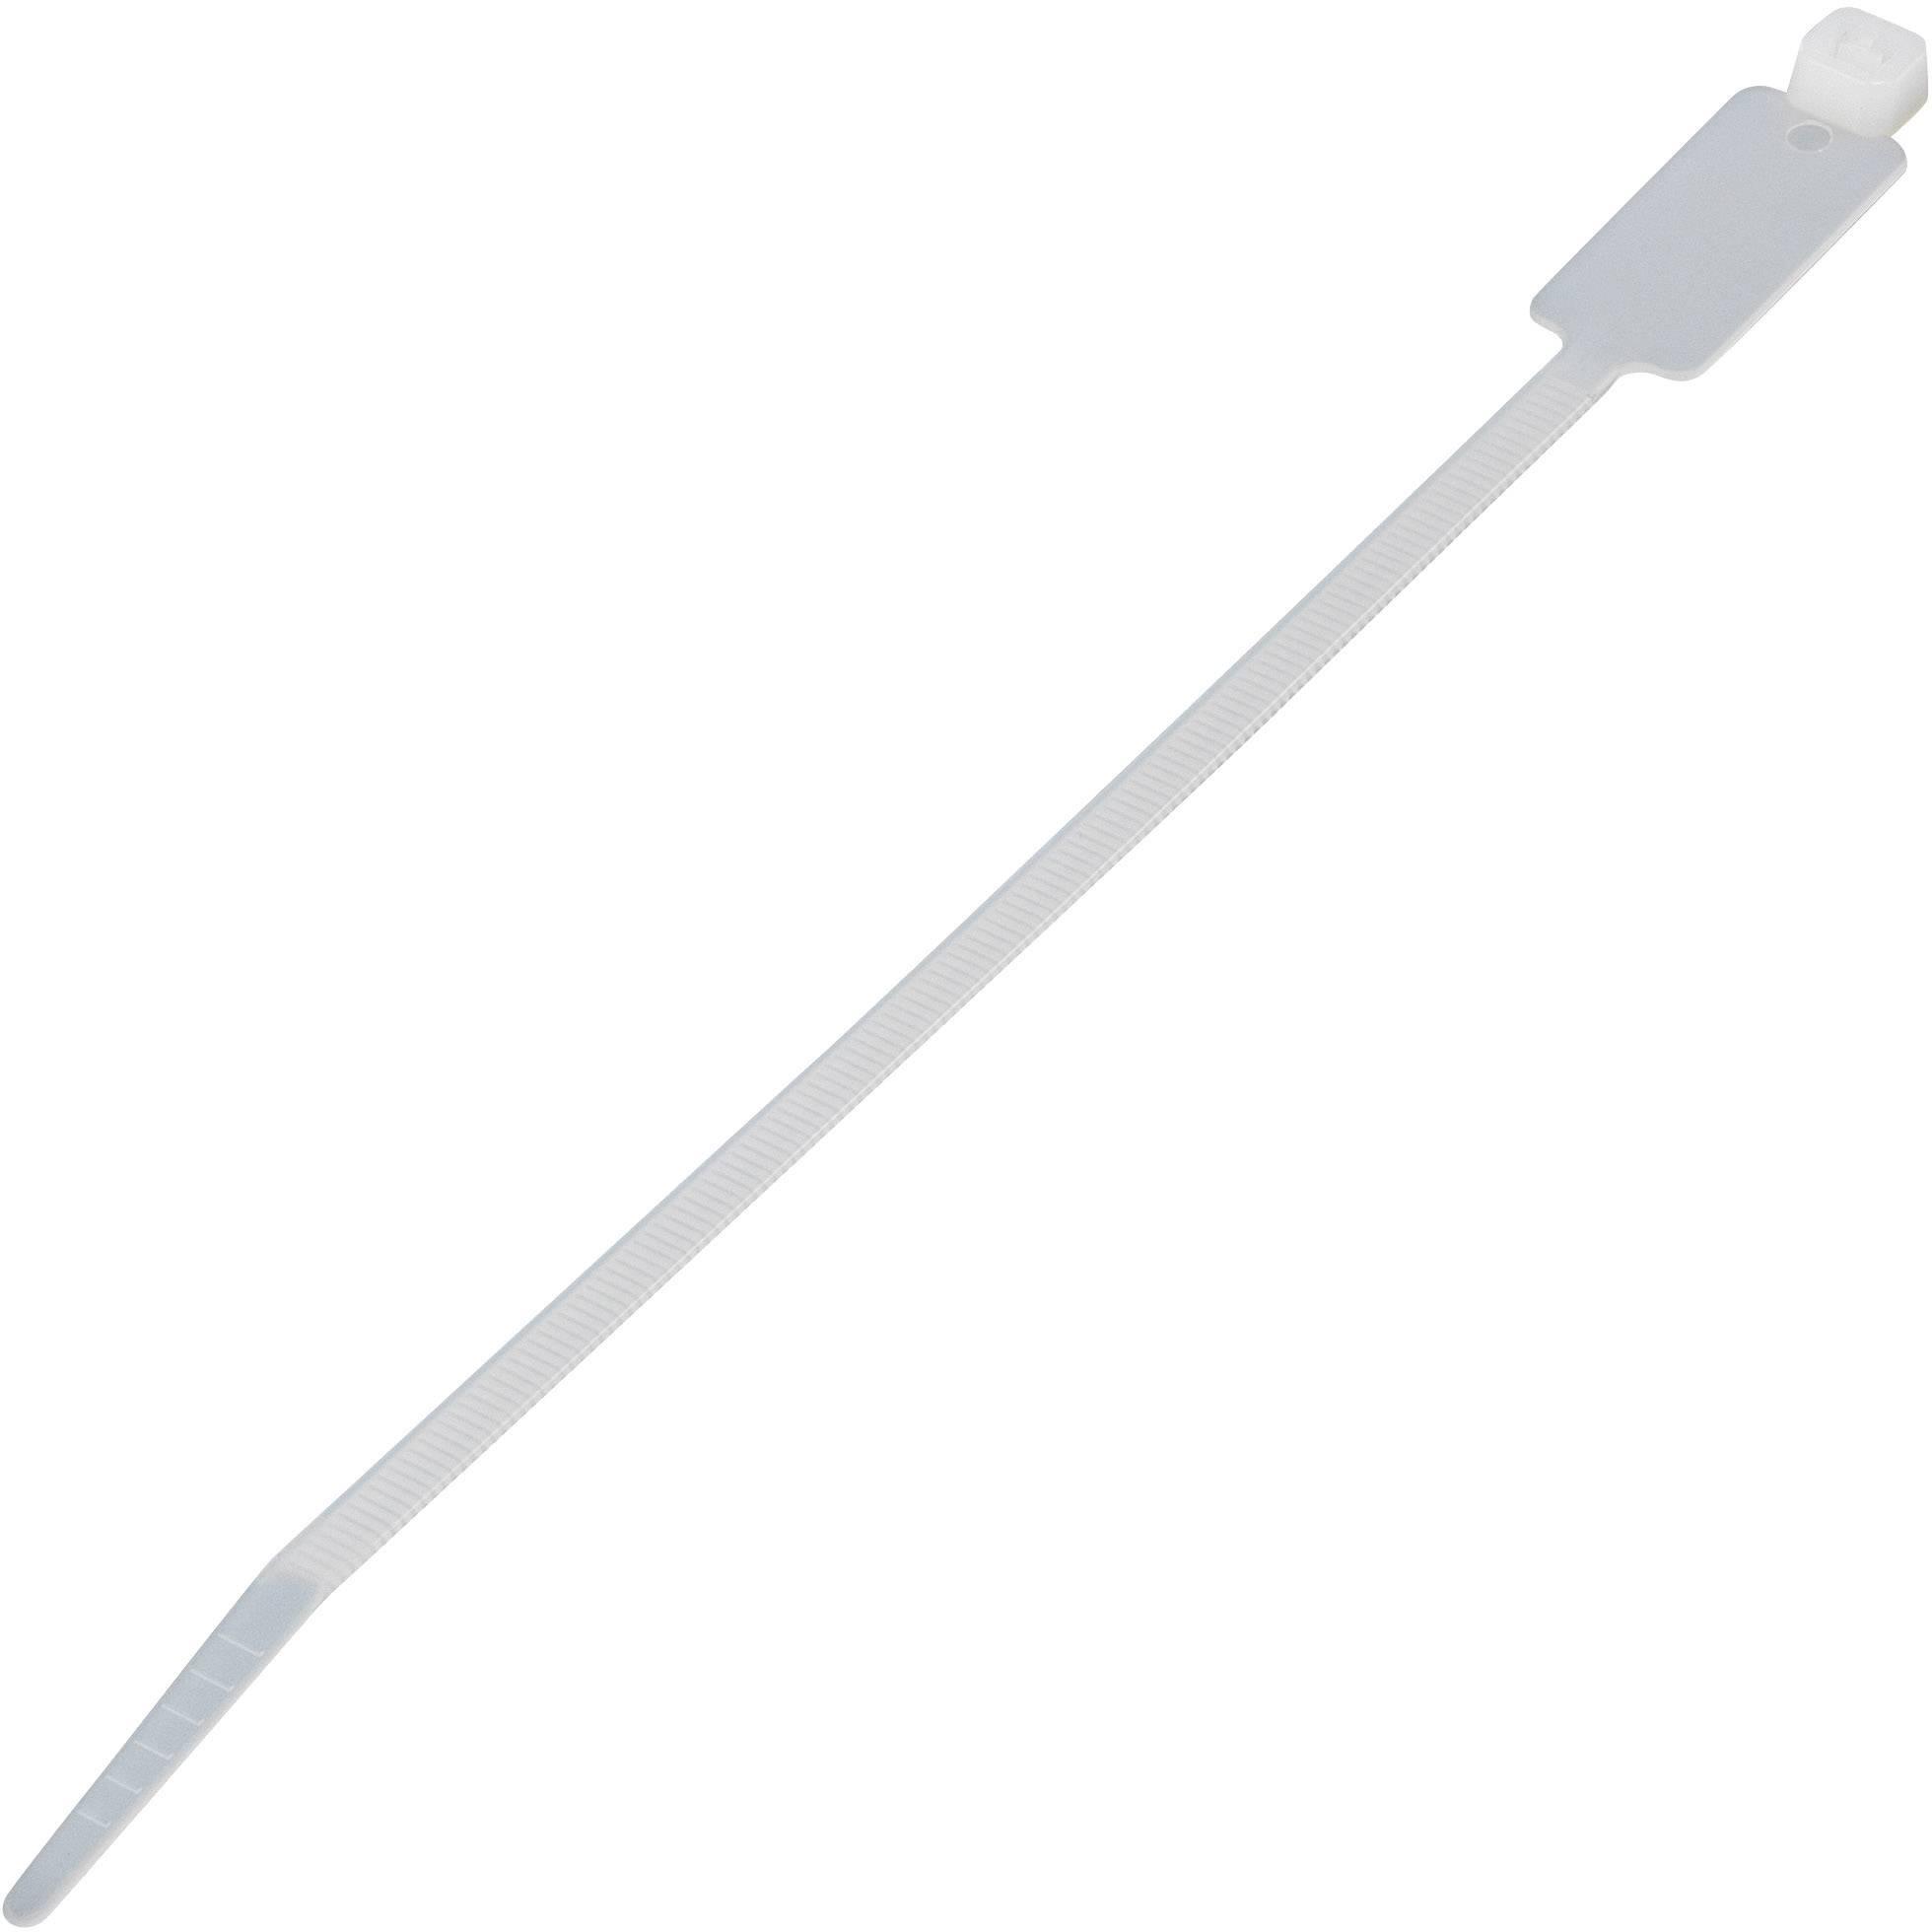 Kabelska vezica s poljem za napis (D x Š) 100 mm x 2.5 mm MCV-100 naravna barva, 100 kosov, KSS